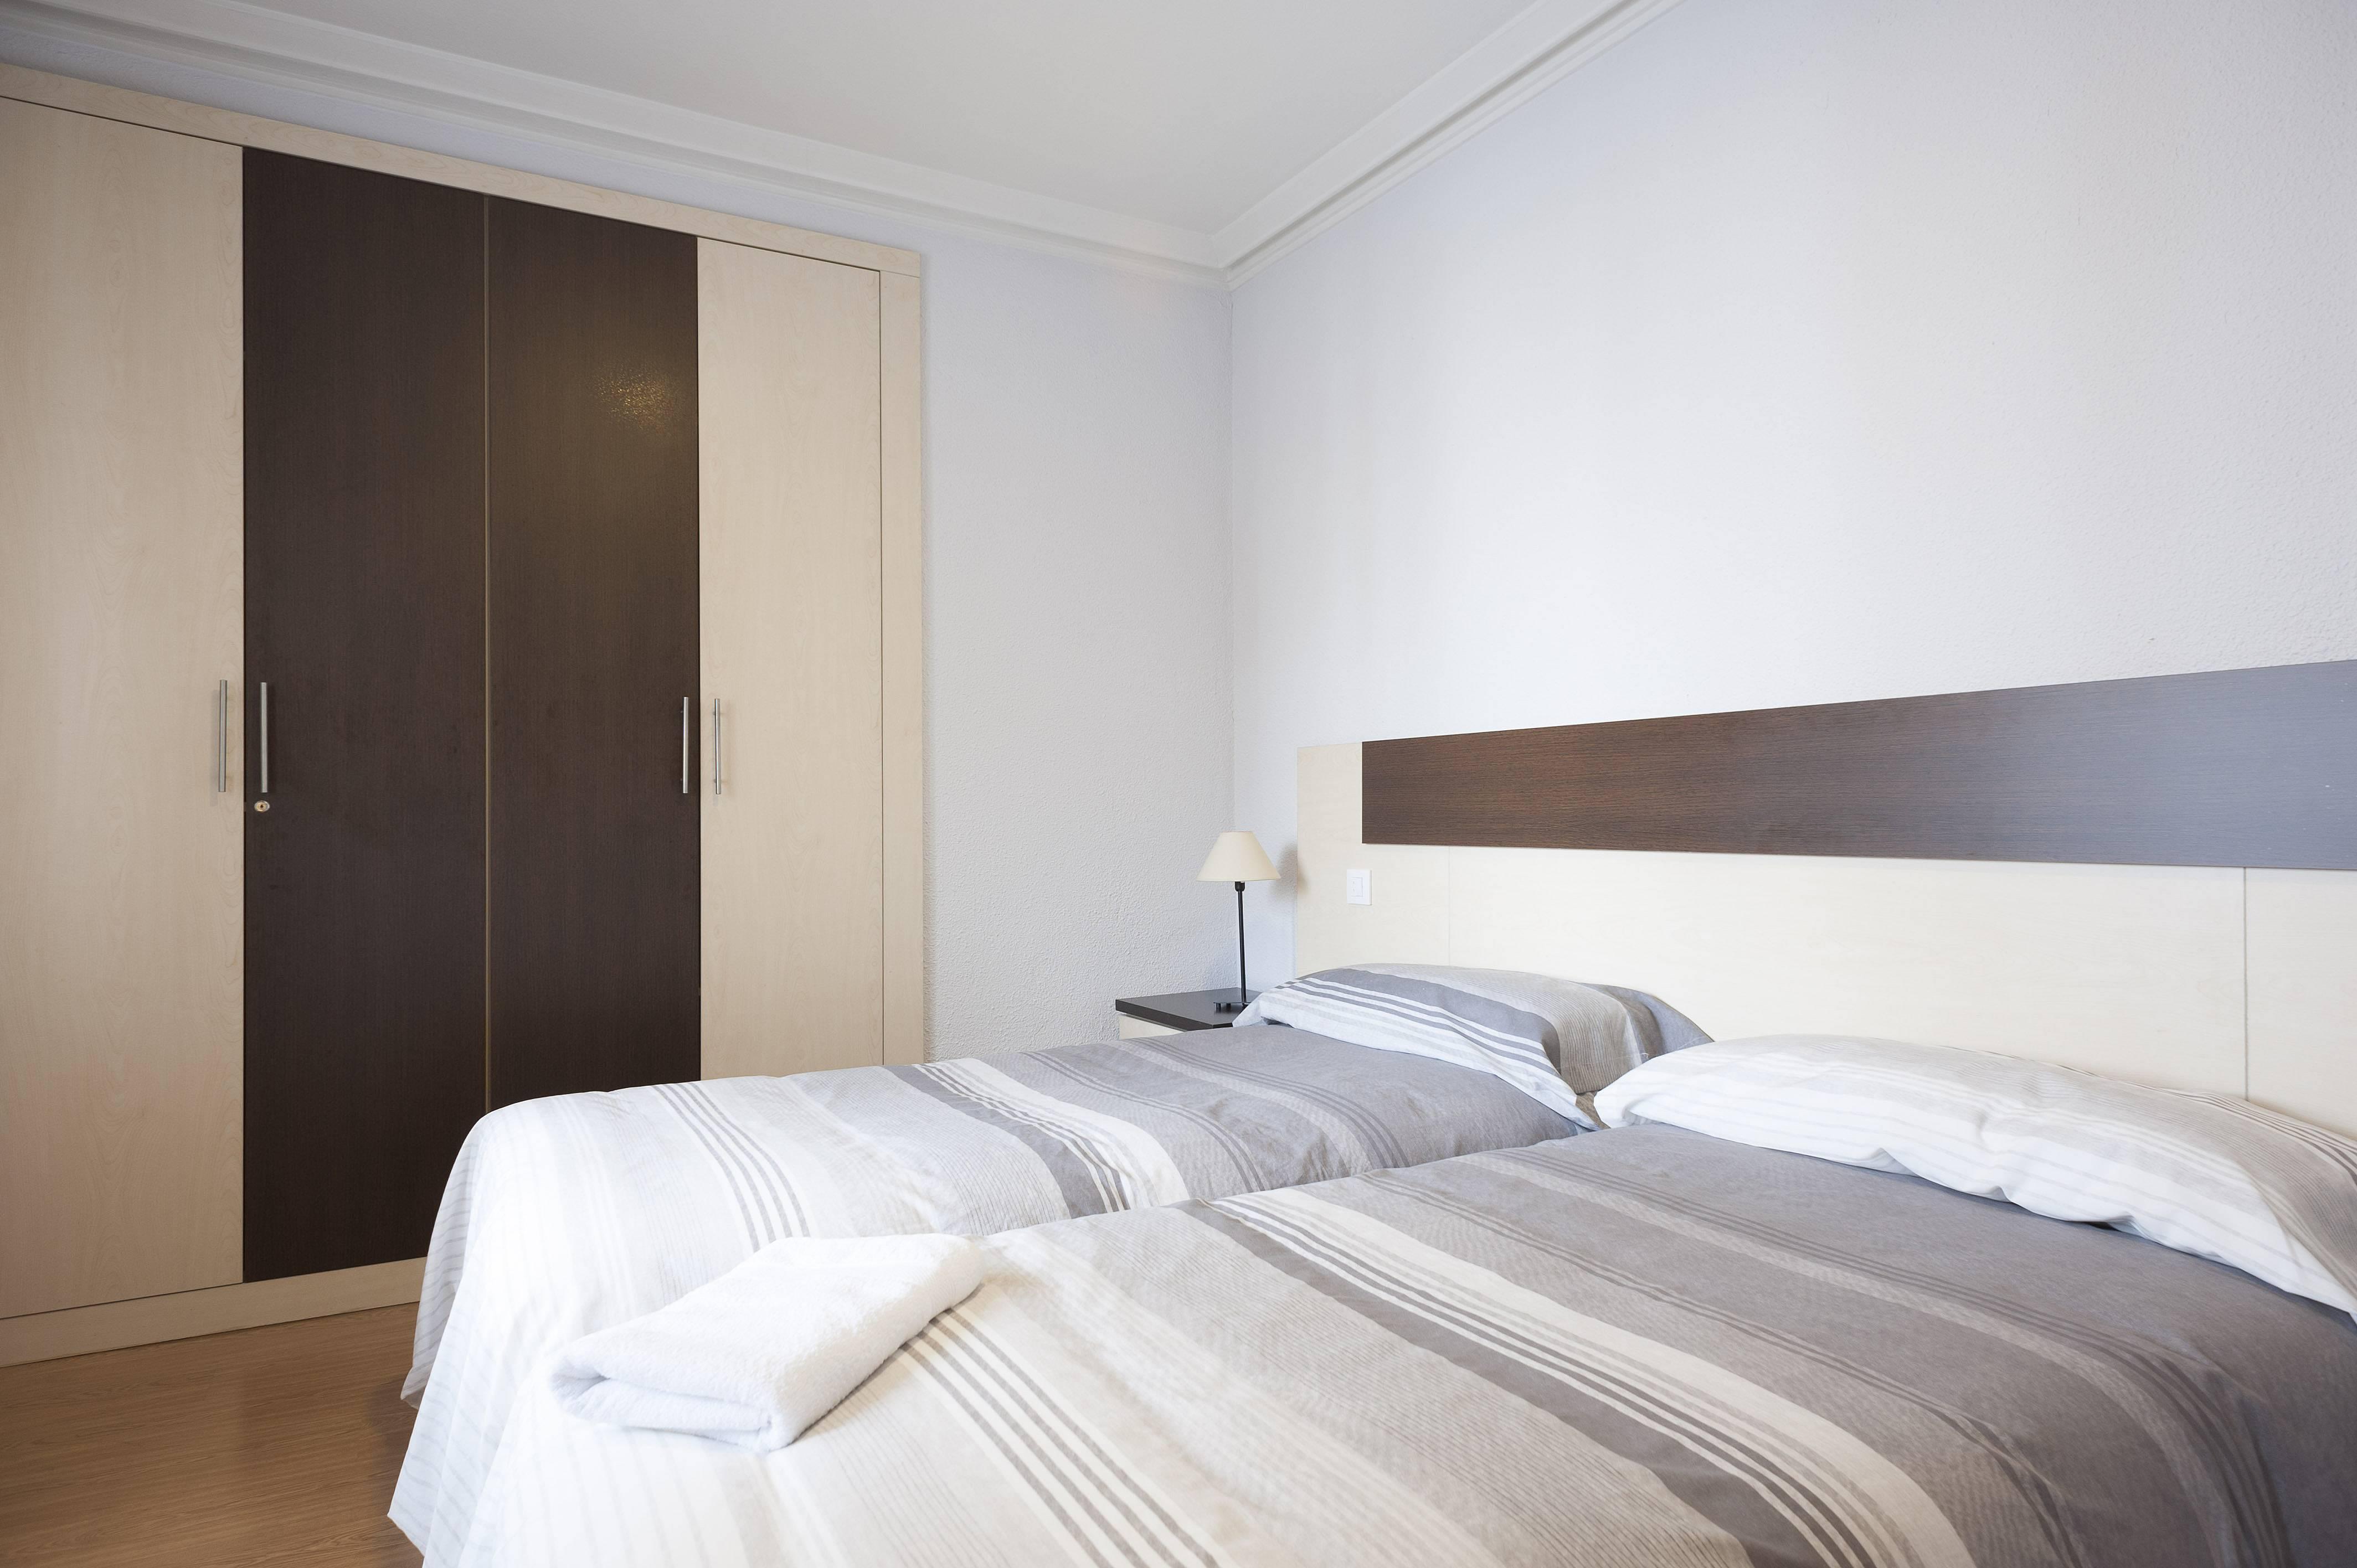 Apartamento de 3 habitaciones en madrid centro madrid for Habitaciones en madrid